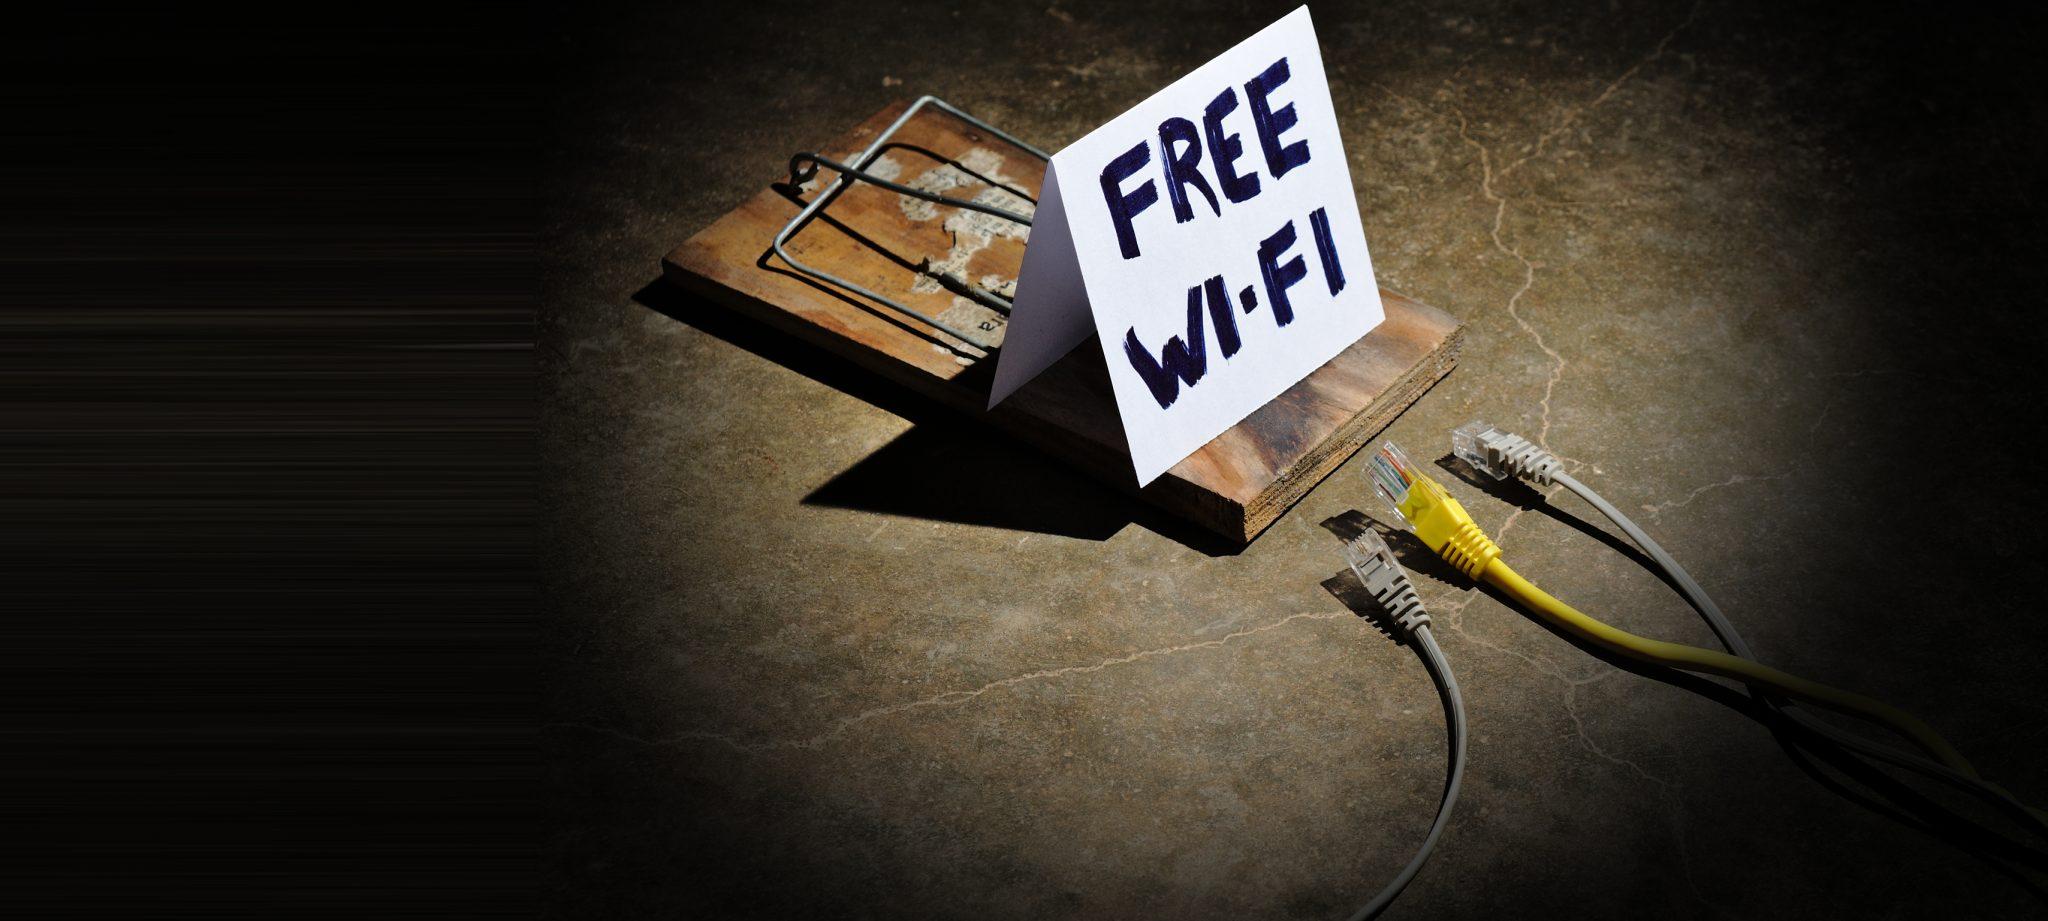 Public Wi-Fi threats